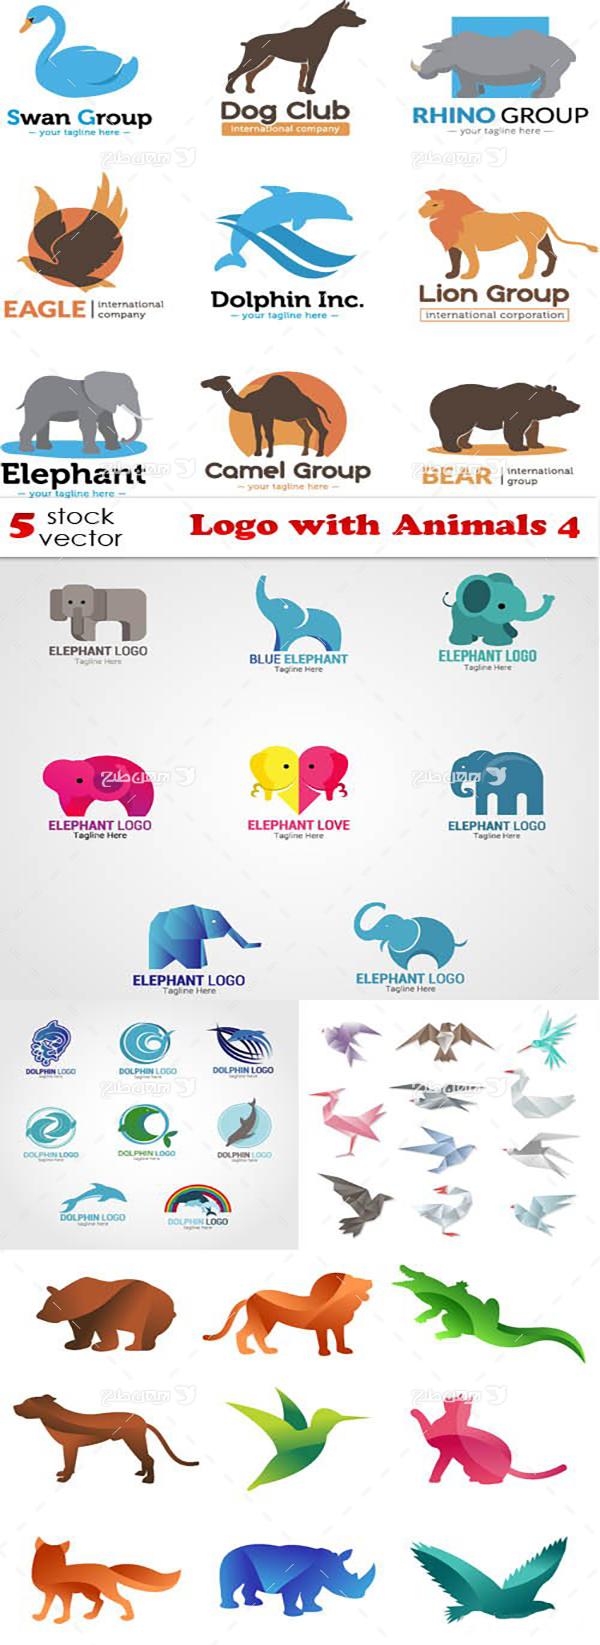 لوگو با موضوع حیوانات